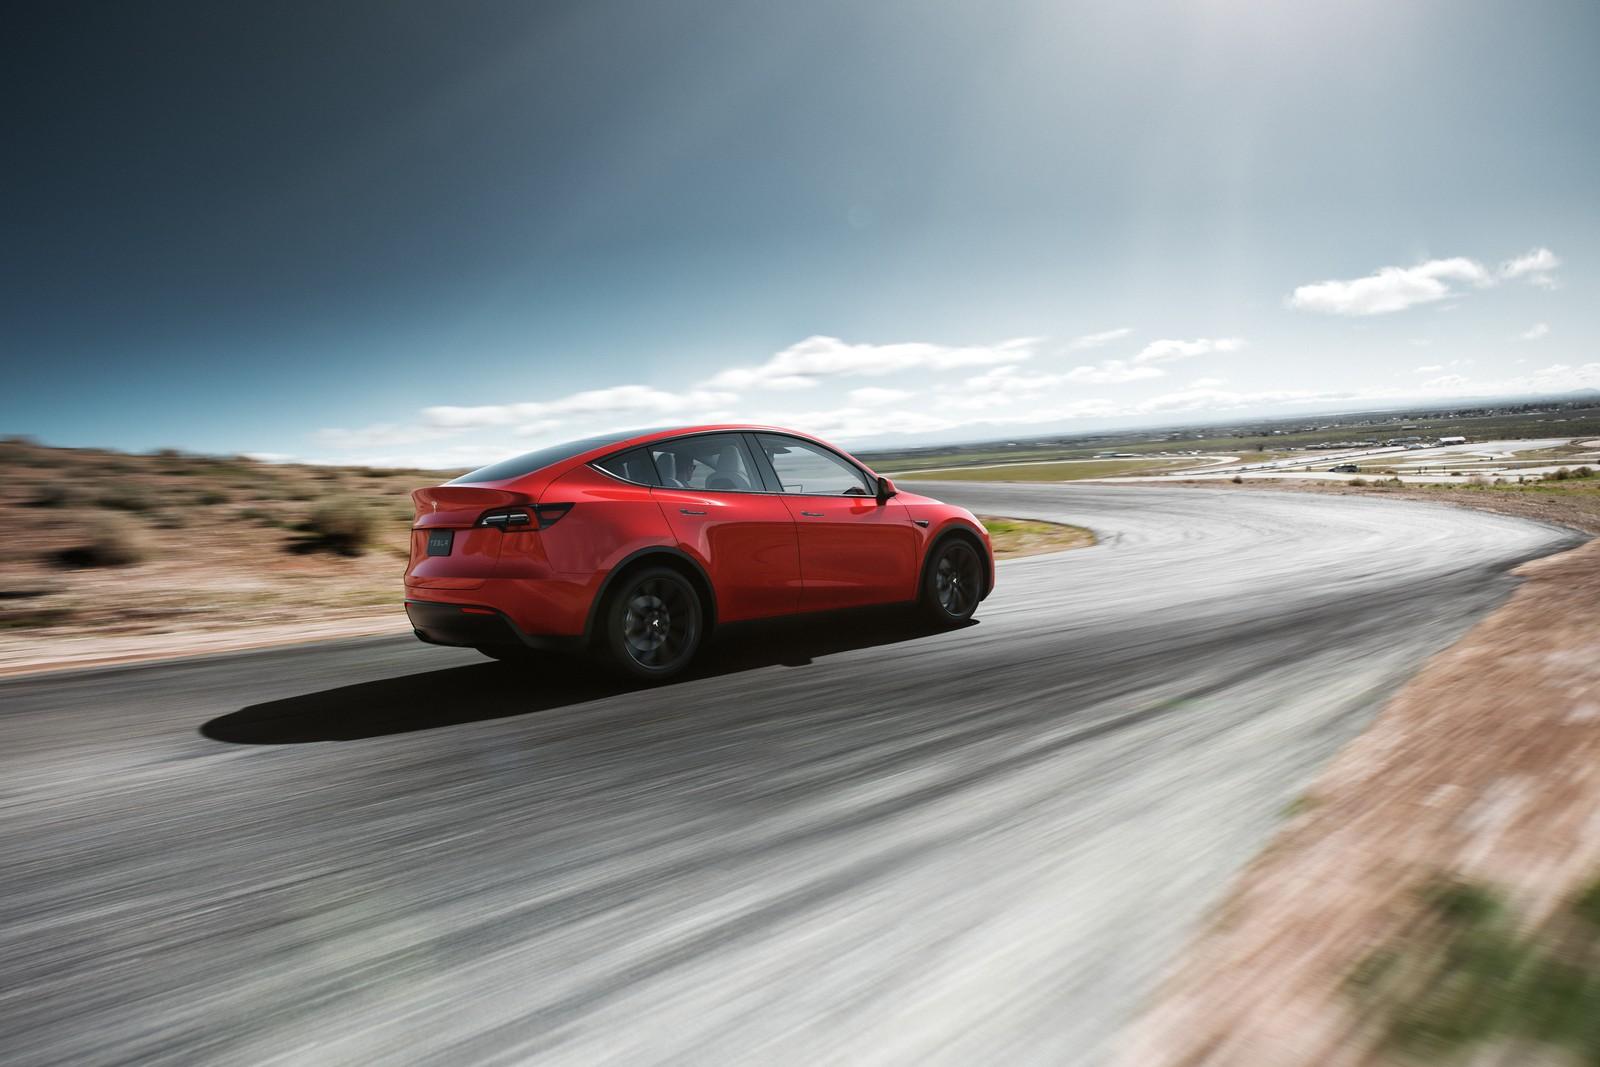 Le SUV compact électrique se dévoile — Tesla Model Y